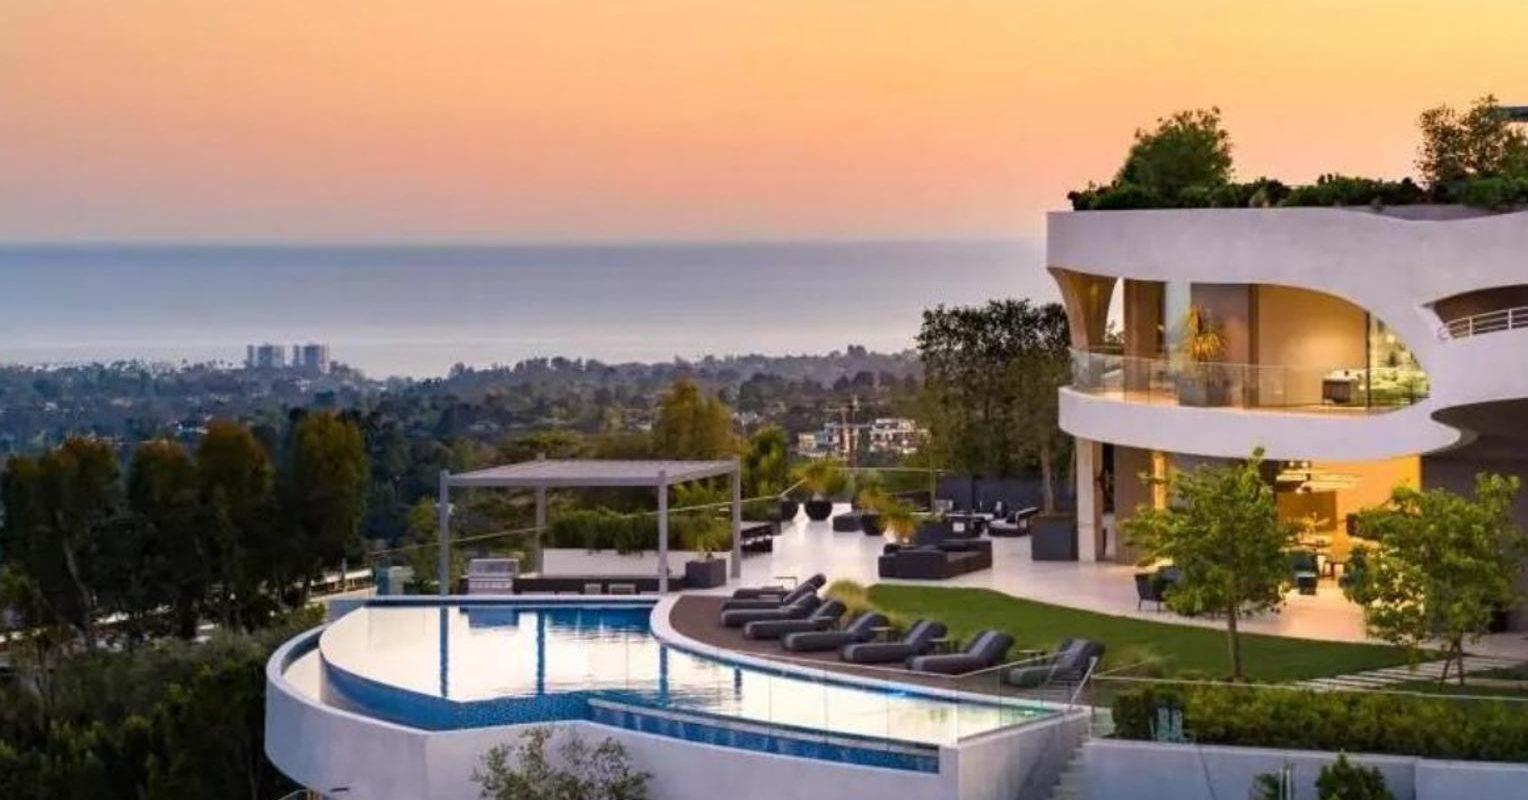 Travis Scott compra nueva mansión dañada por incendio